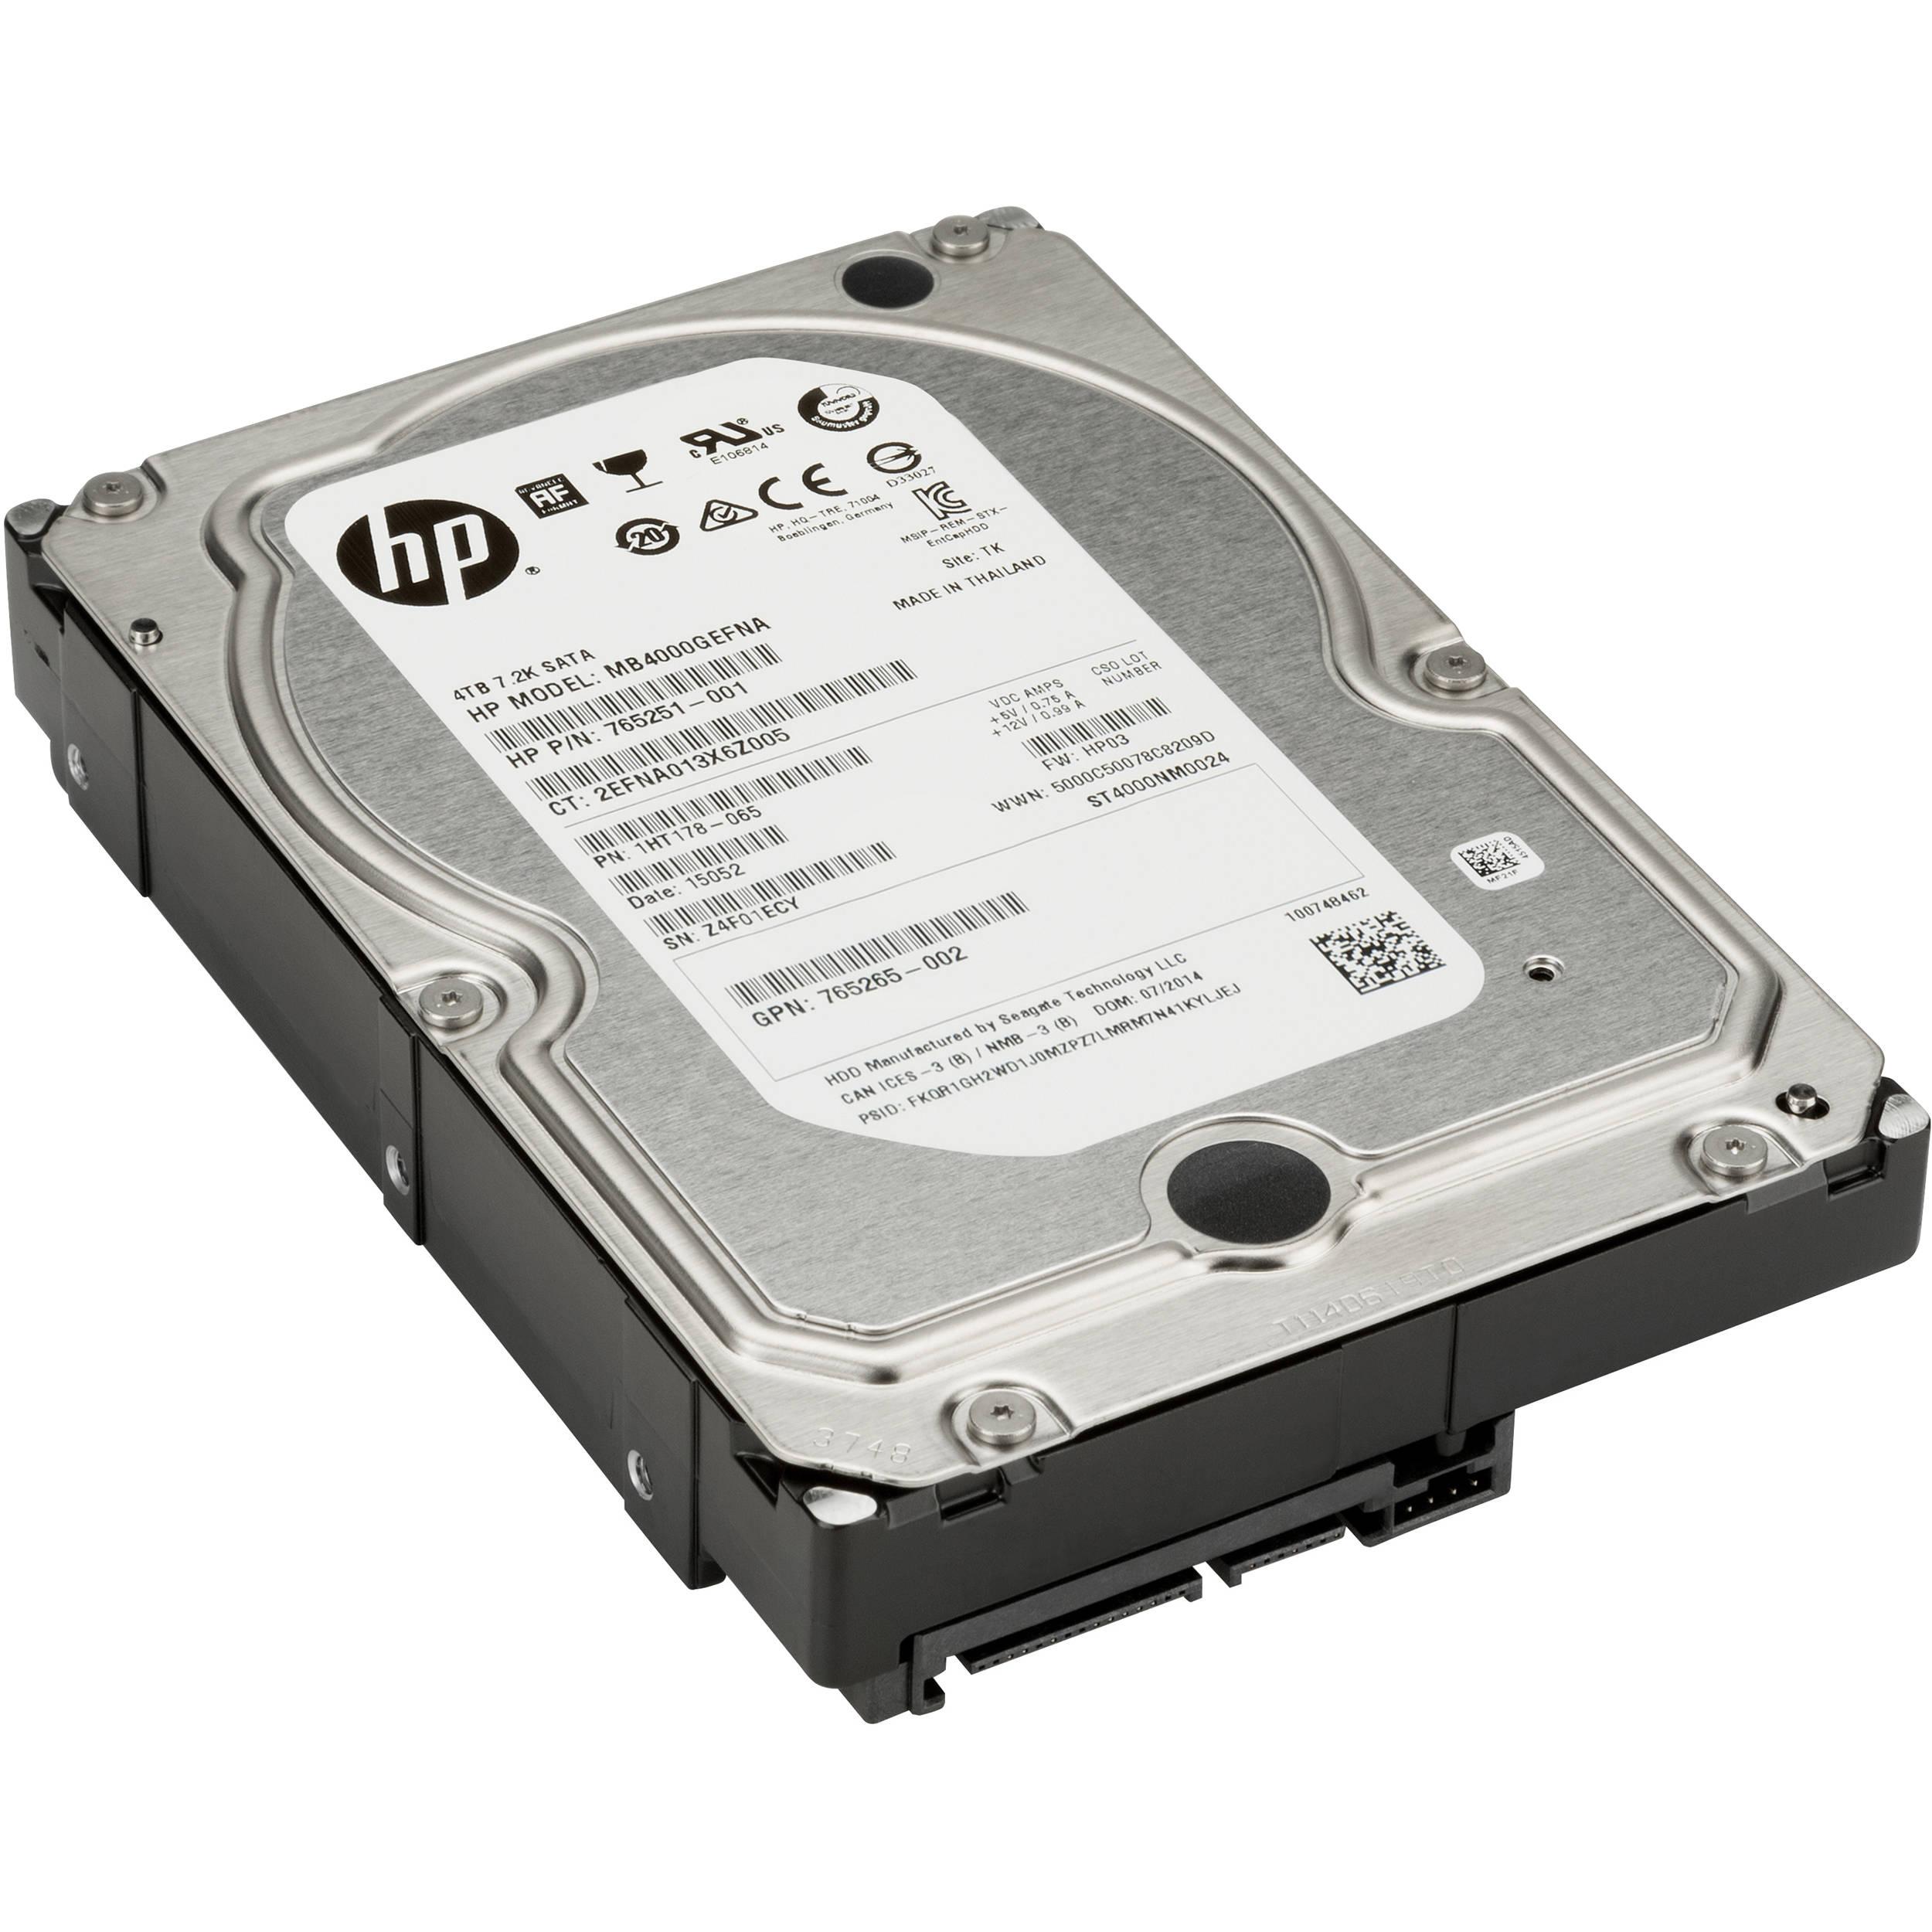 HP 3TB SATA 6 Gb/s 7200 rpm Hard Drive